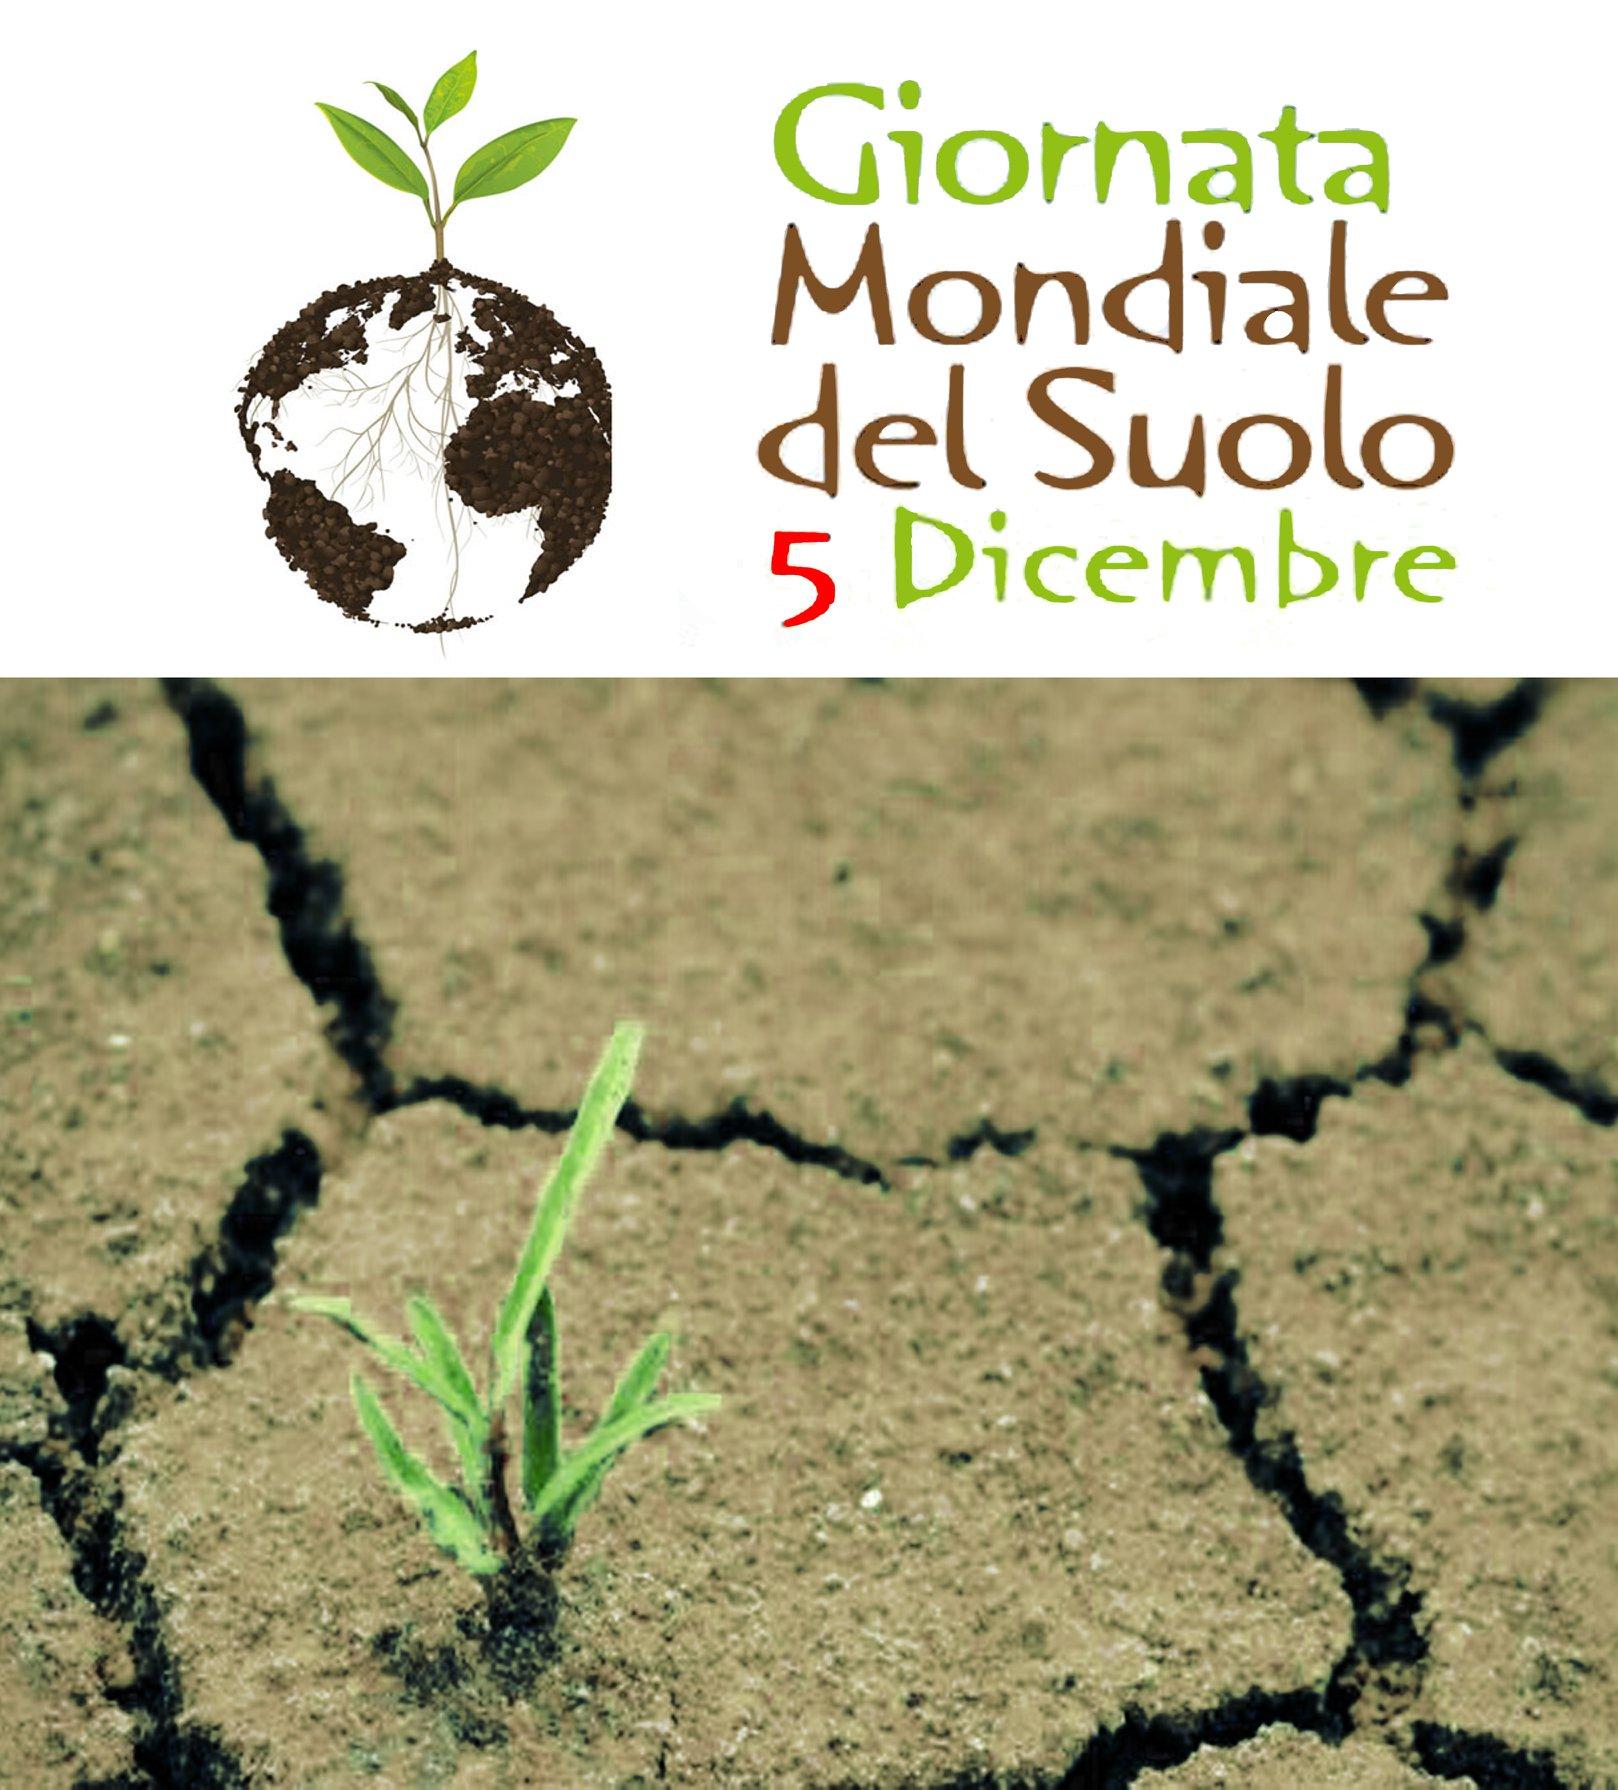 Giornata del suolo